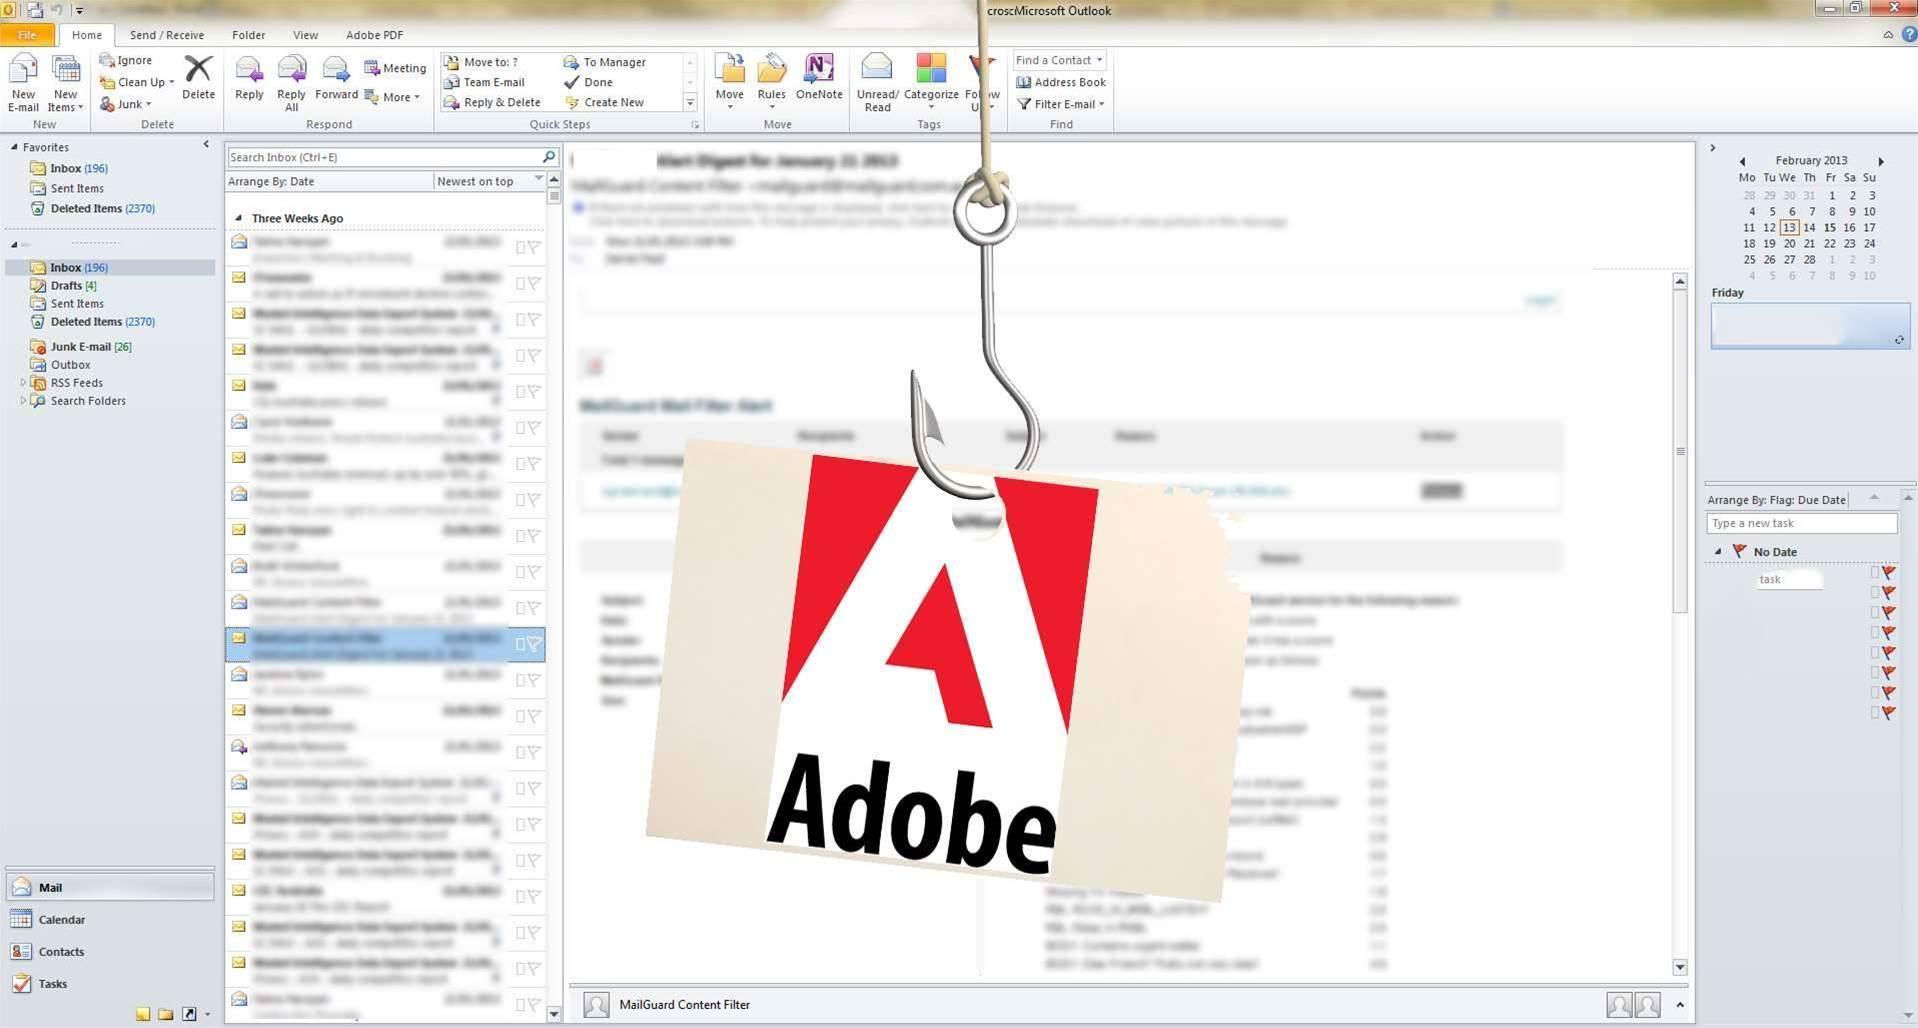 Adobe Reader zero day used in phishing attacks